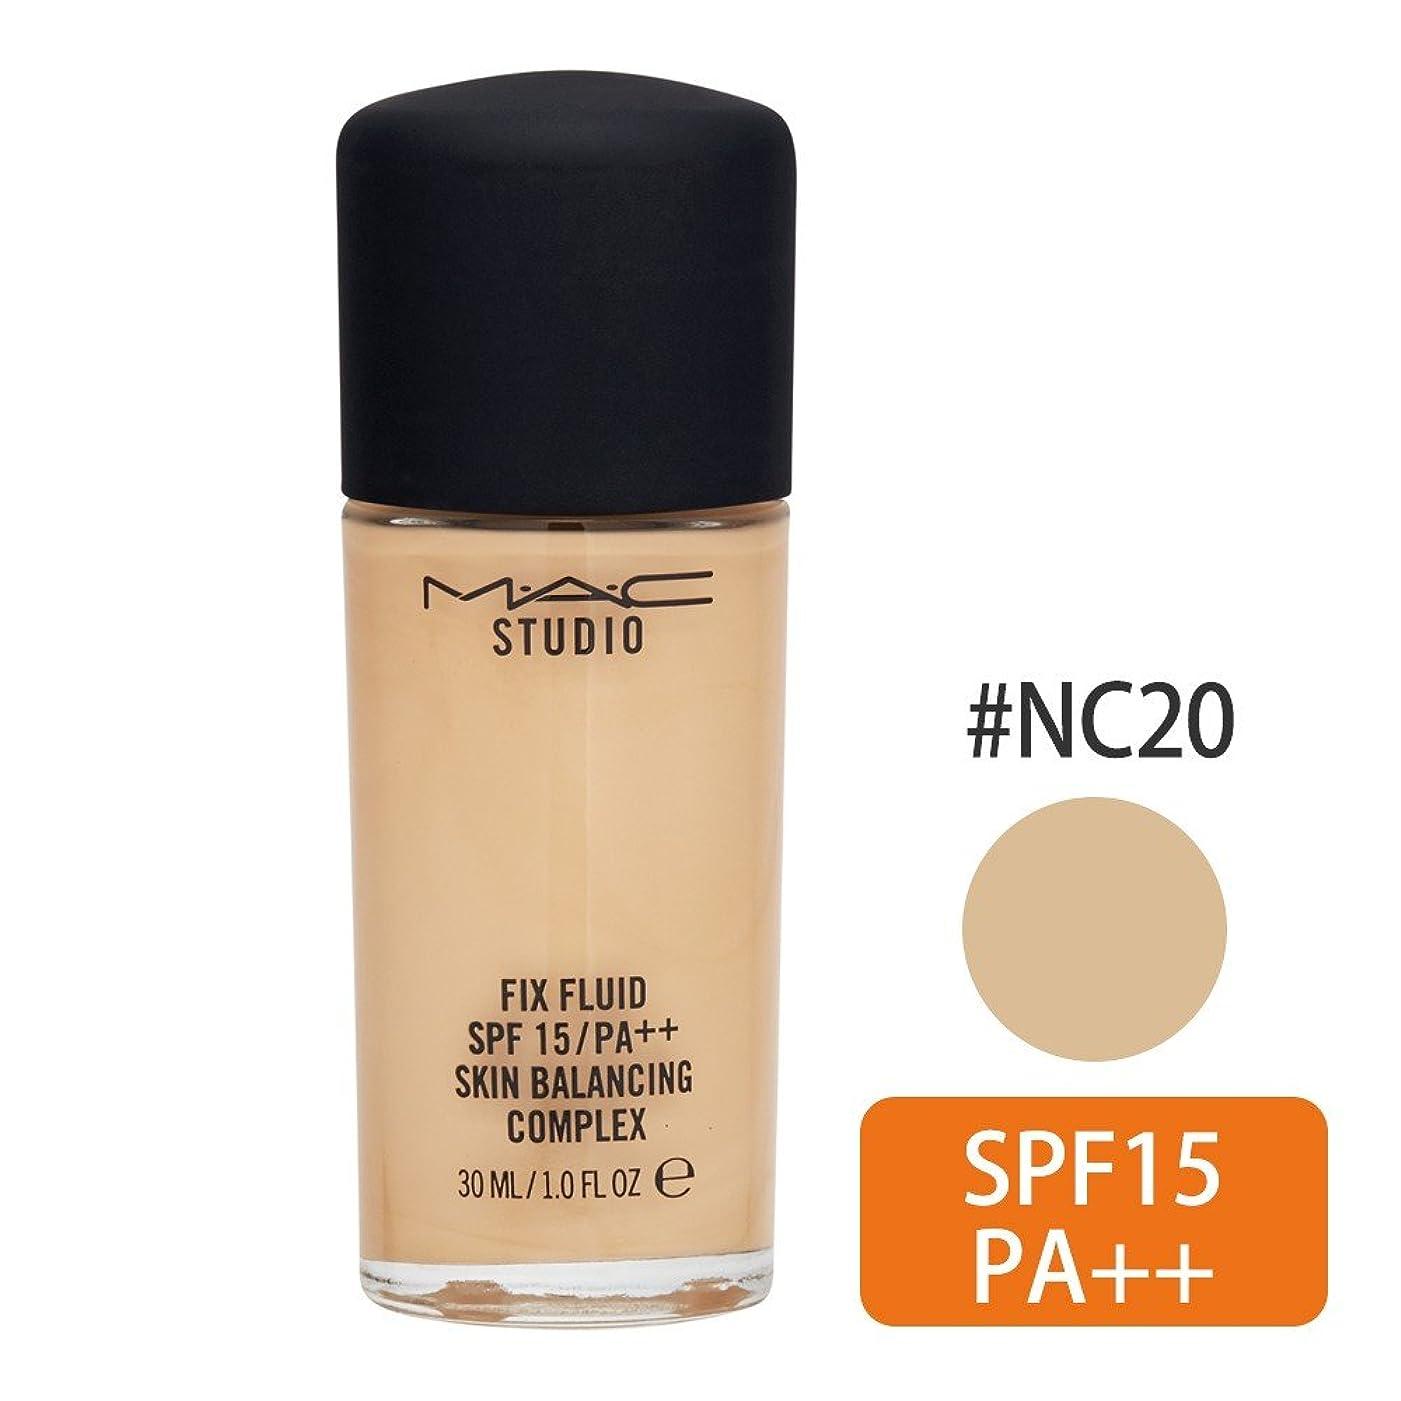 タイプ満足できるサイクロプスマック(MAC) スタジオ フィックス フルイッド SPF15 #NC20 [並行輸入品]